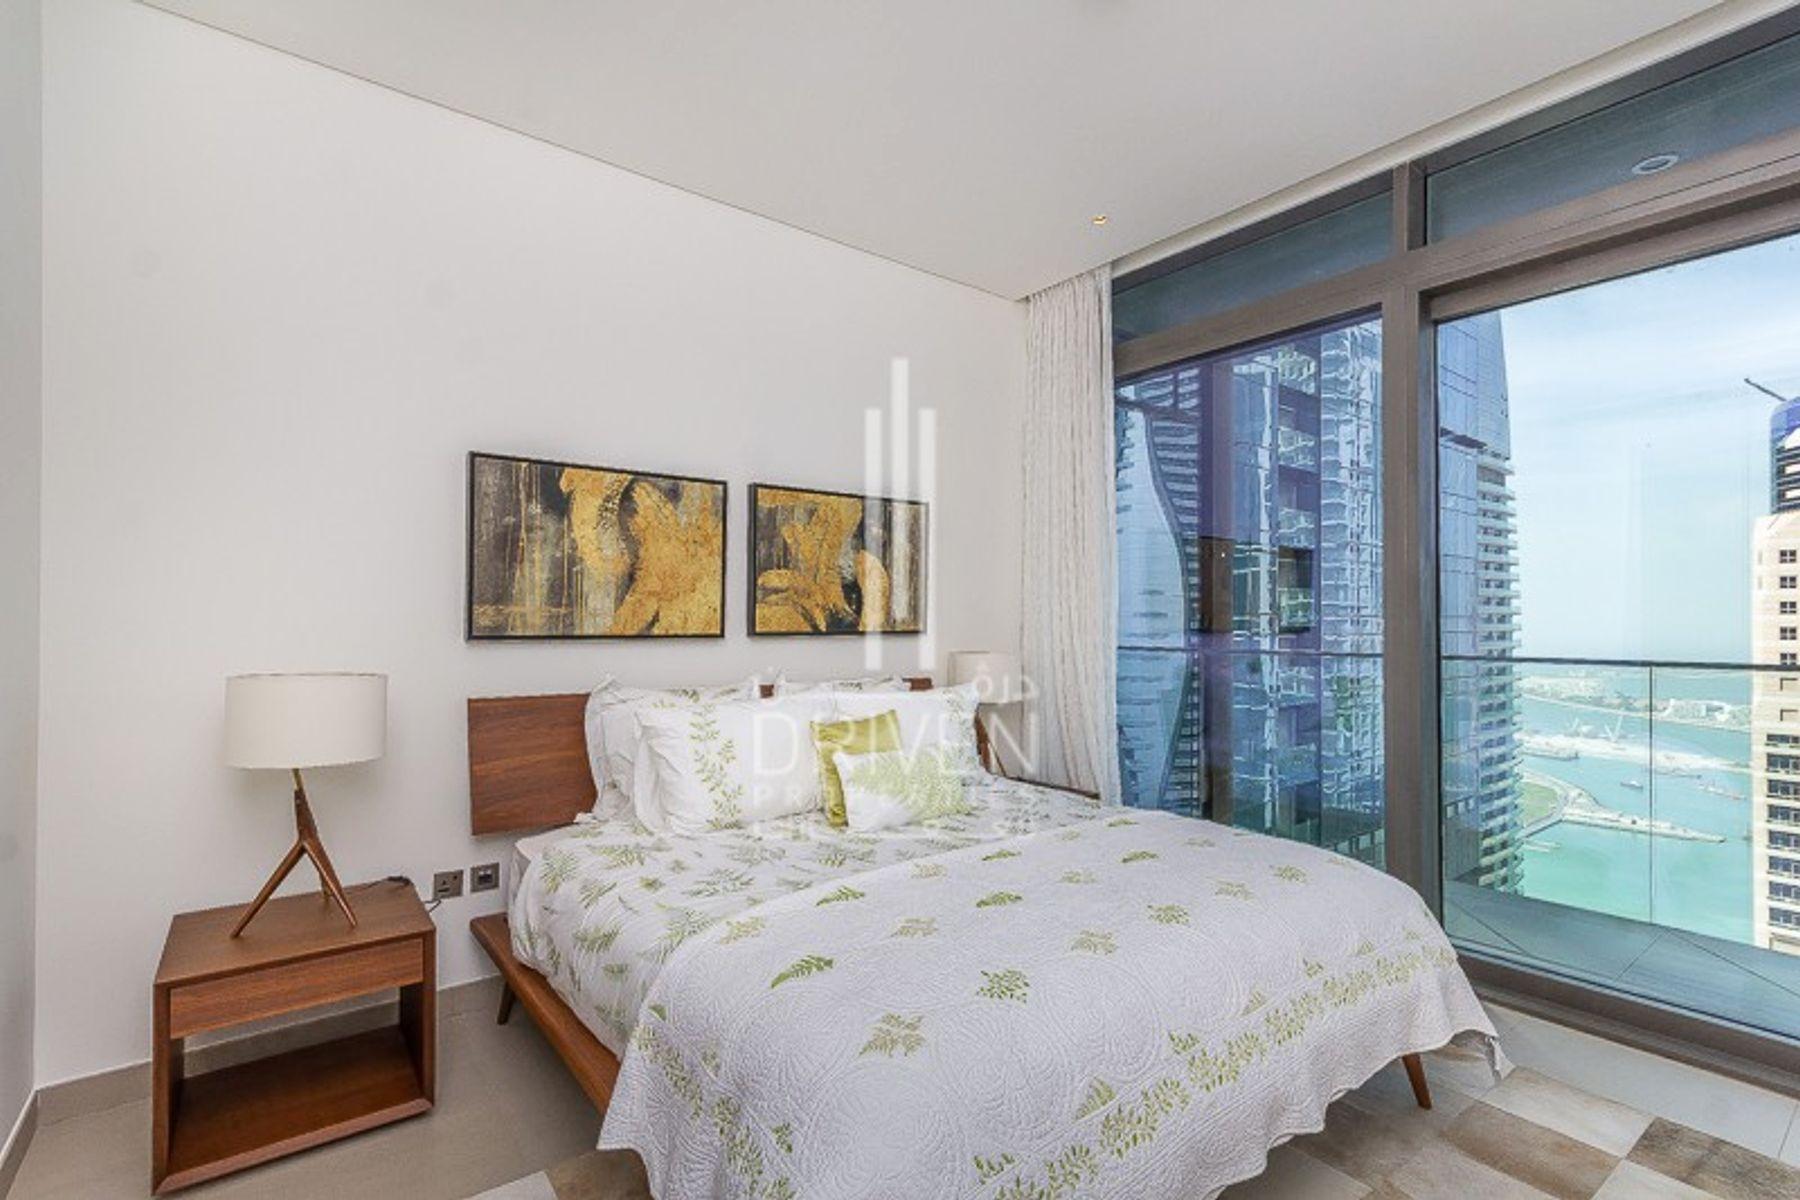 Penthouse for Sale in Marina Gate 1 - Dubai Marina